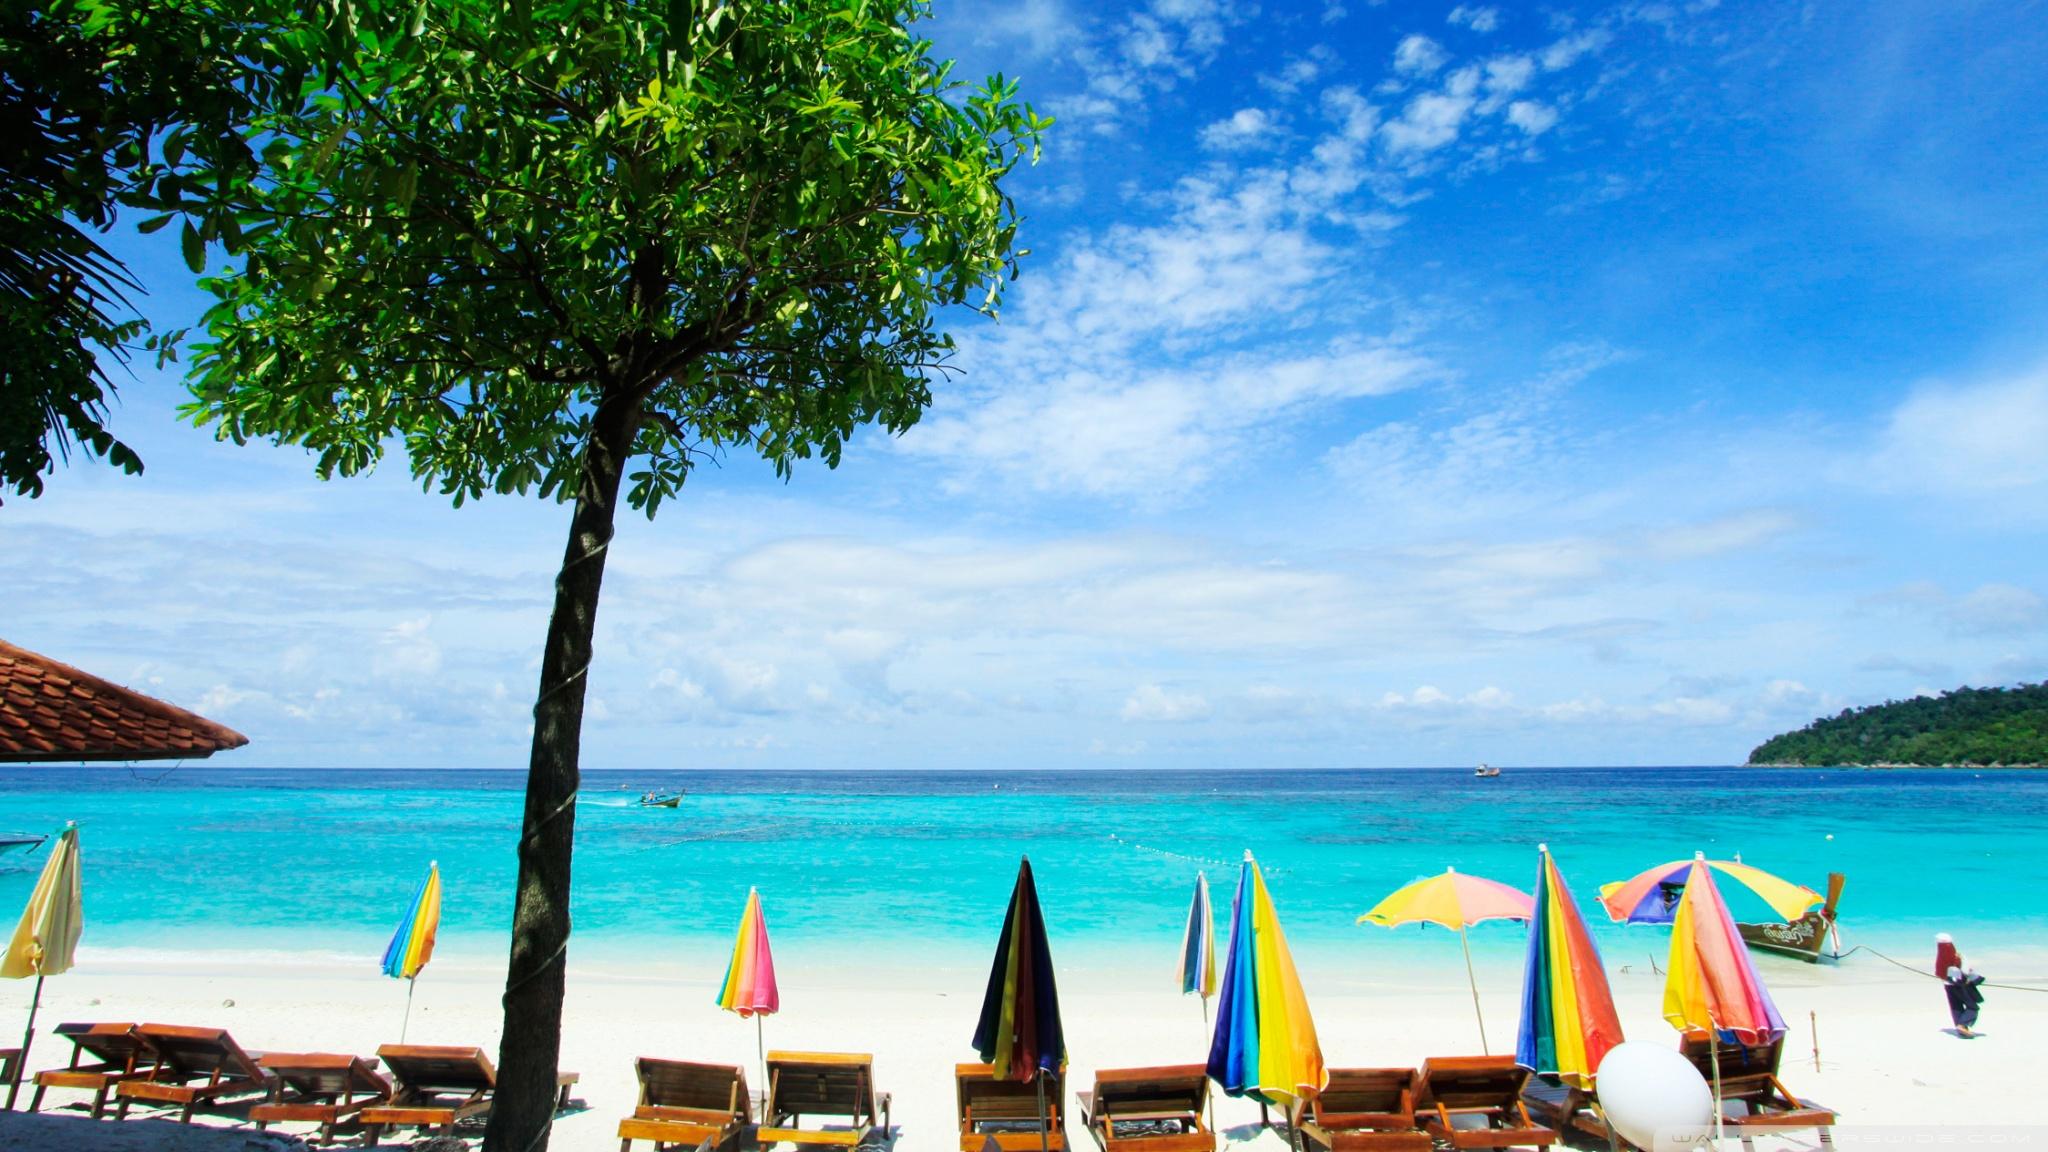 Đảo San Hô - Coral Island